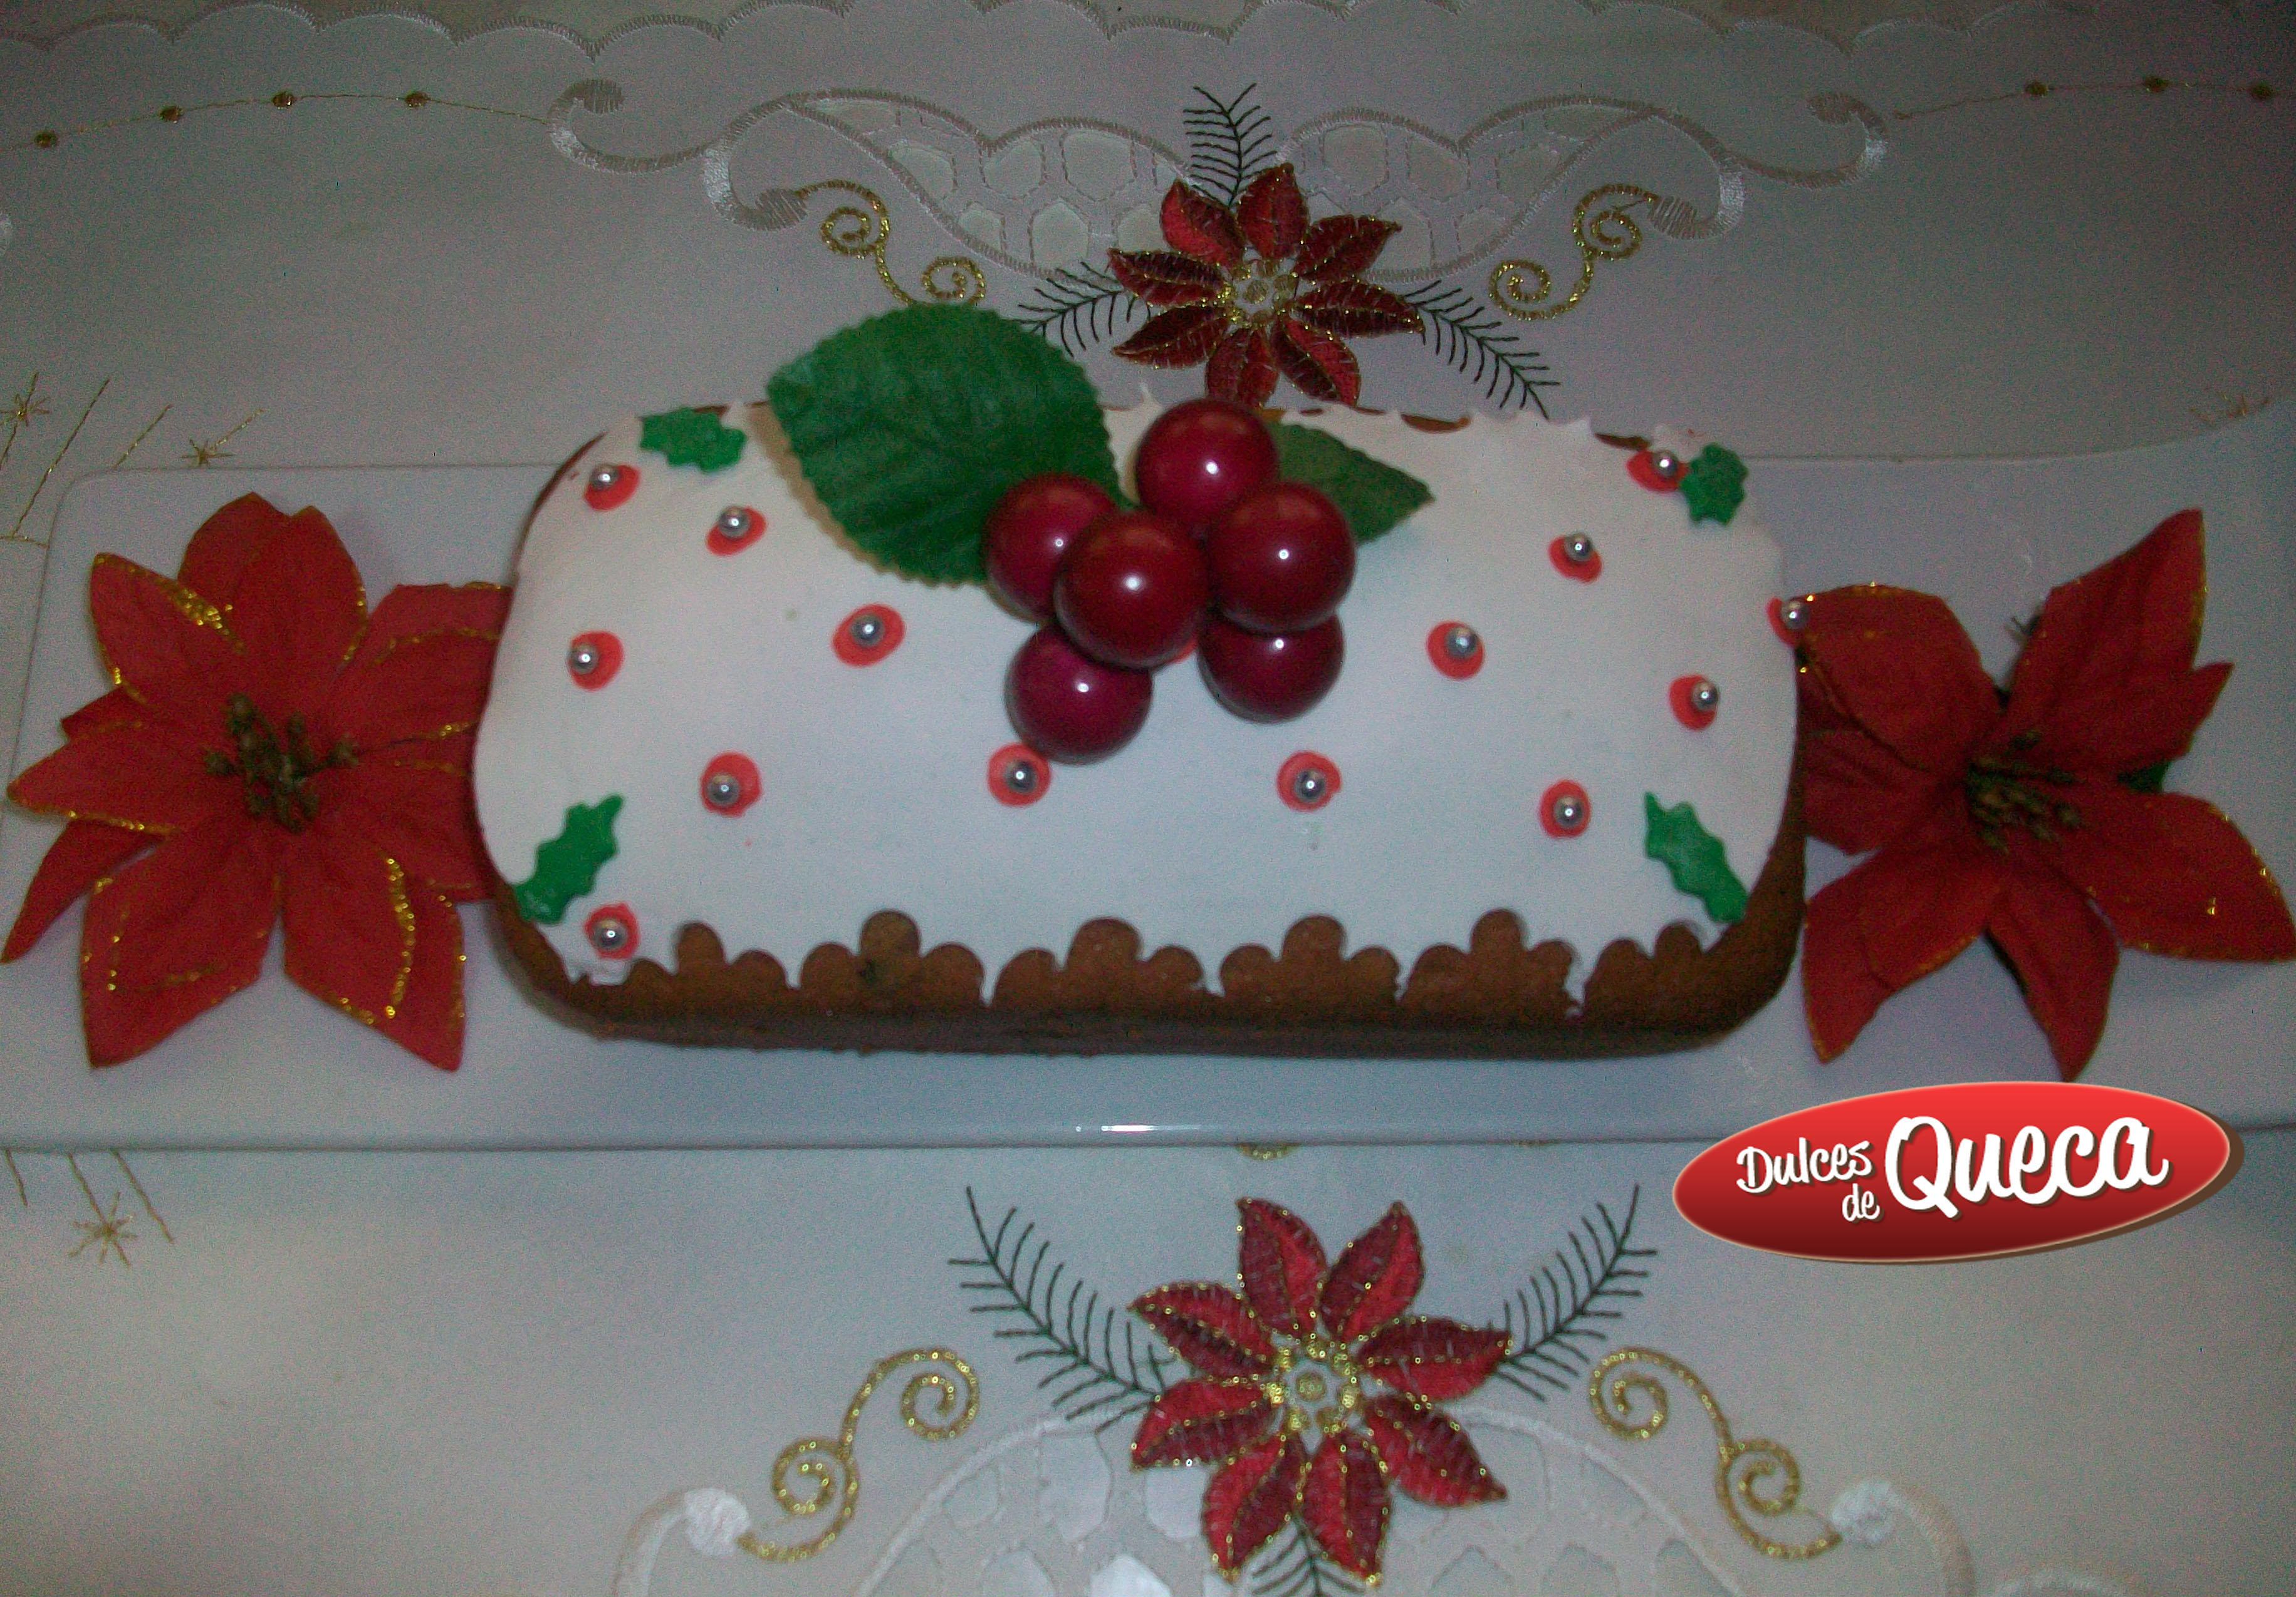 Keke especial para navidad dulces de queca - Postre especial navidad ...